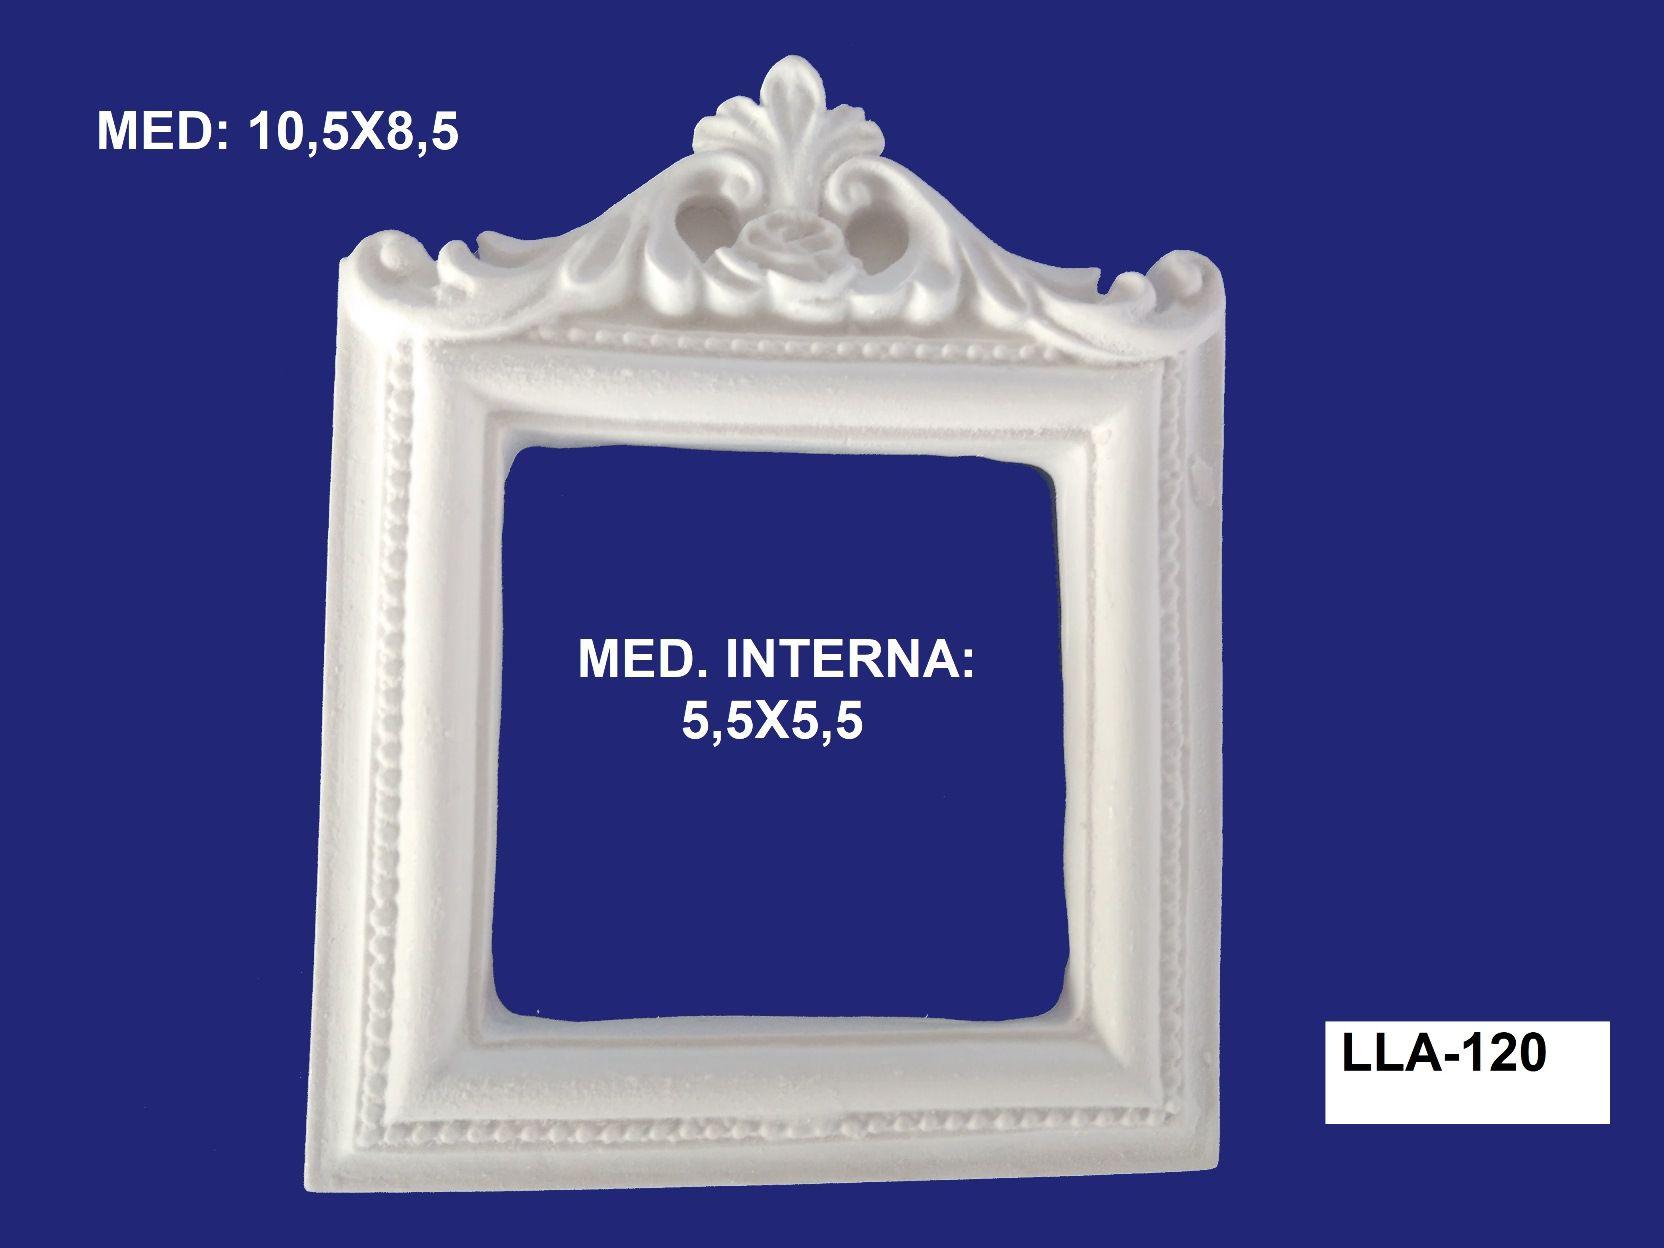 LLA-120 APLIQUE MOLDURA 10,5x8,5 INT: 5,5x5,5CM